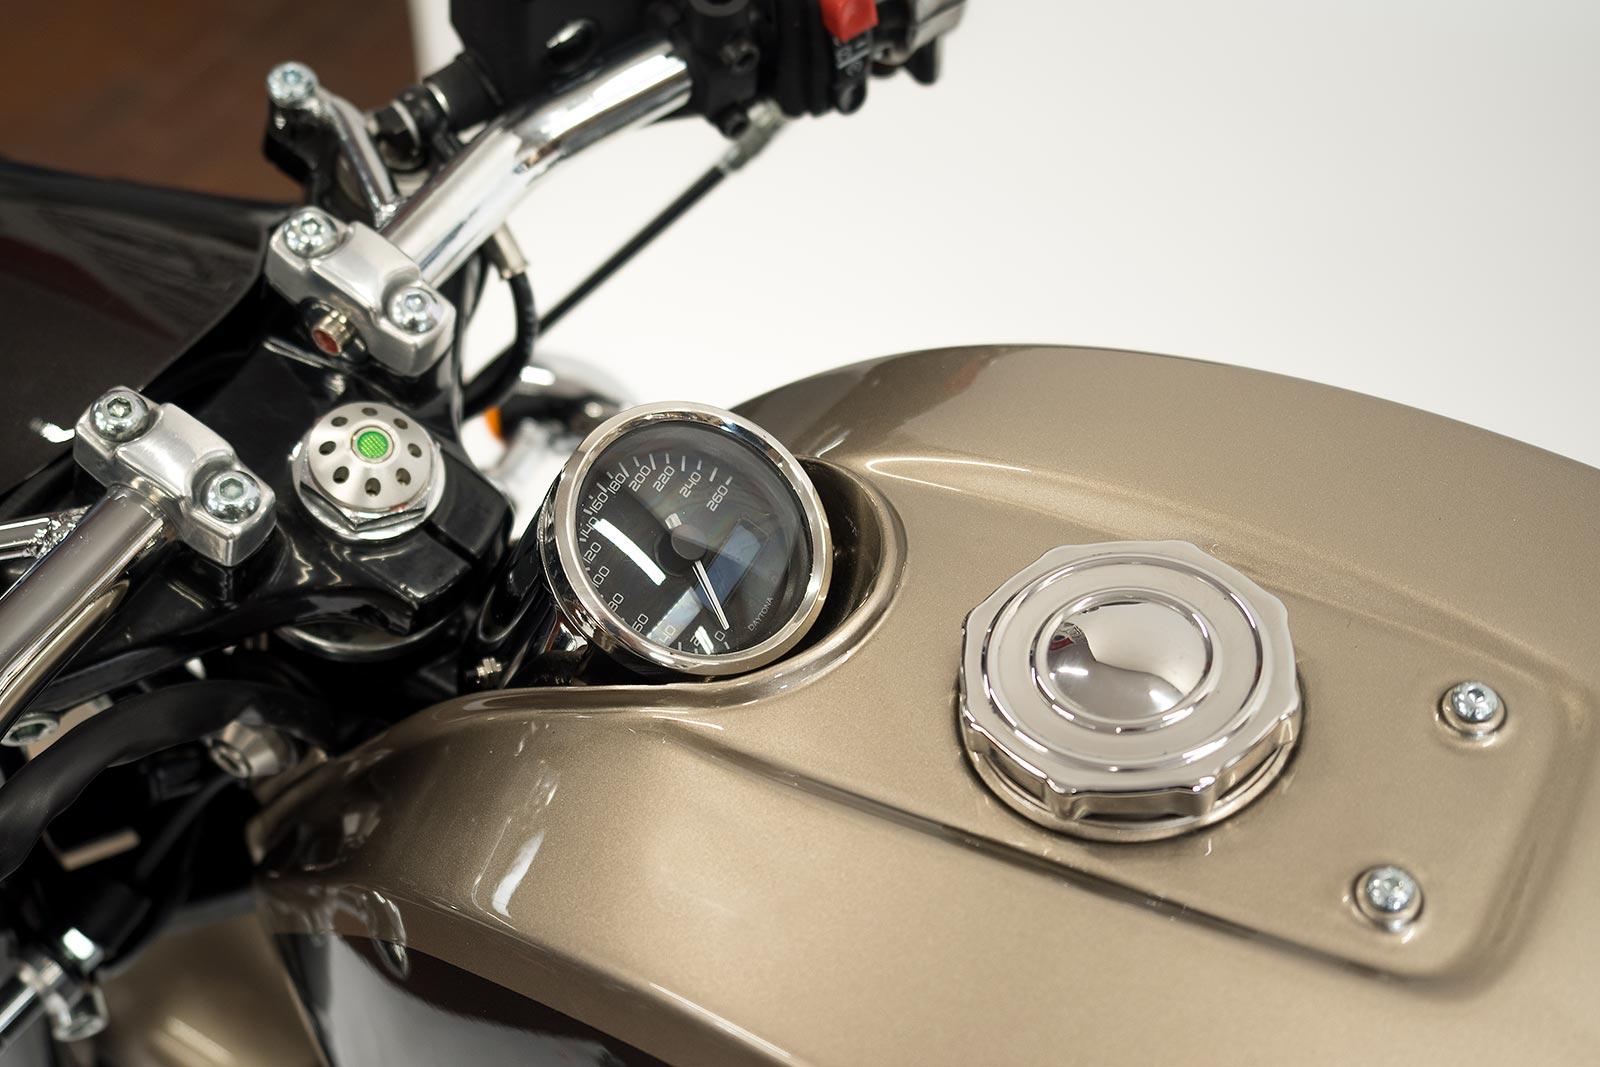 Moto Guzzi Ritmo Veloce by Officine Rossopuro (4)